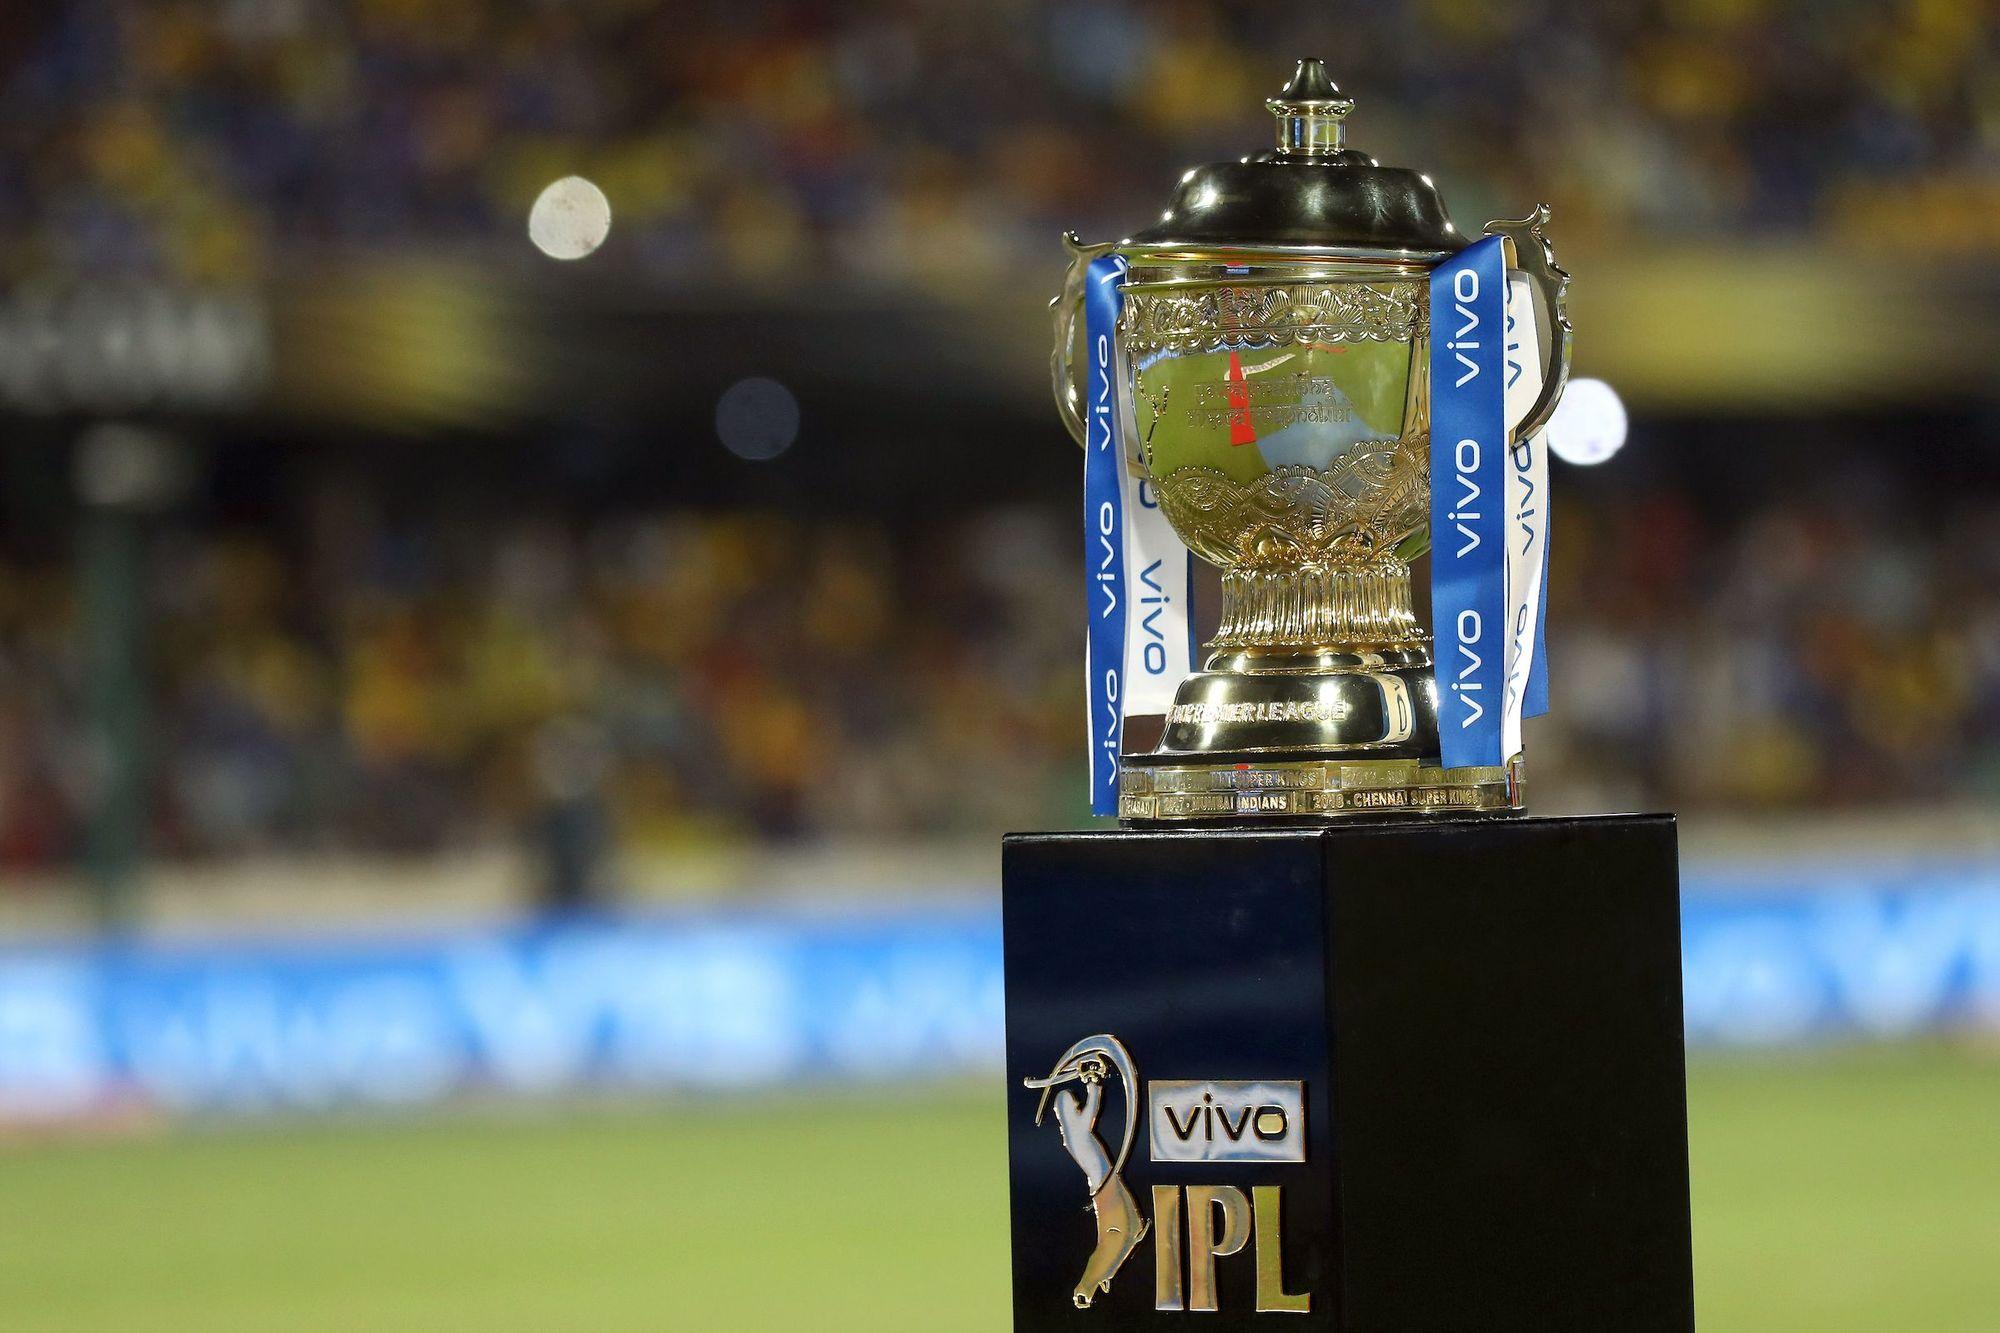 IPL 2021: आईपीएल को बंद या जारी रखने पर सभी फ्रेंचाइजियो ने एकजुट होकर कही ये बात 1